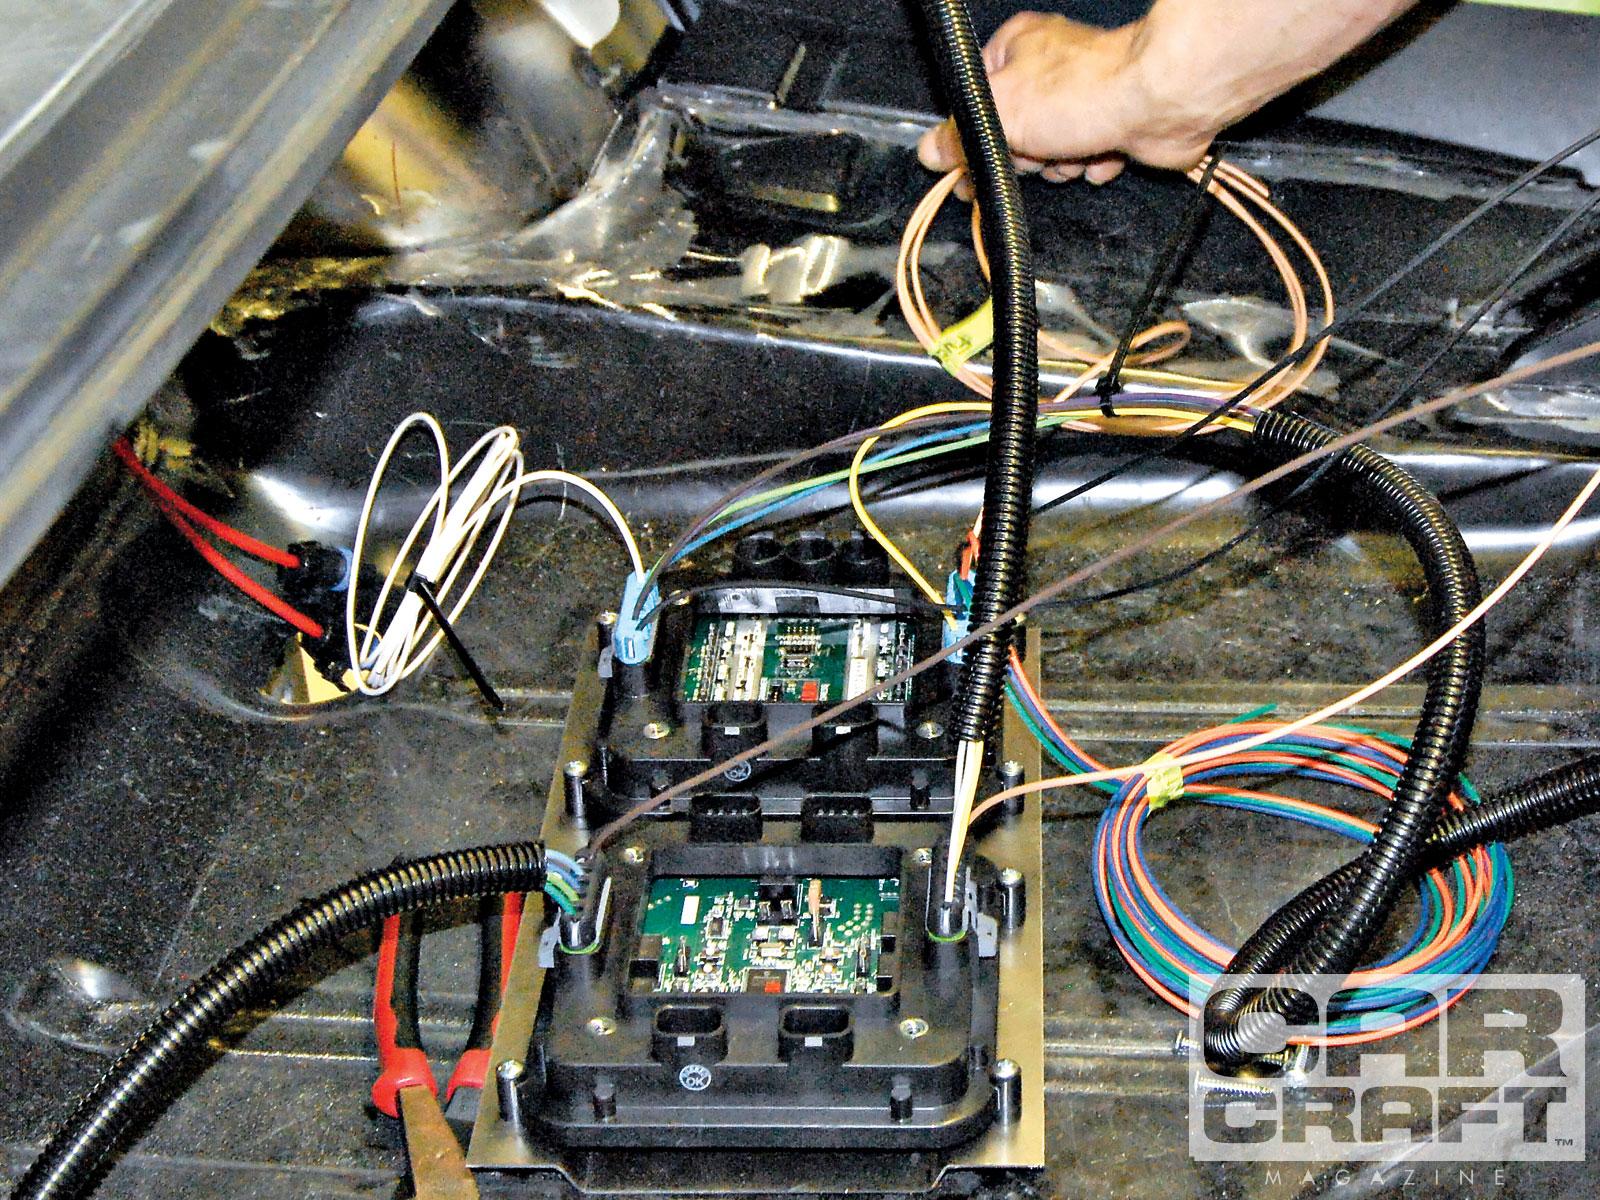 drag car wiring harness wiring source u2022 drag racing air ducts drag racing wiring harnesses [ 1600 x 1200 Pixel ]